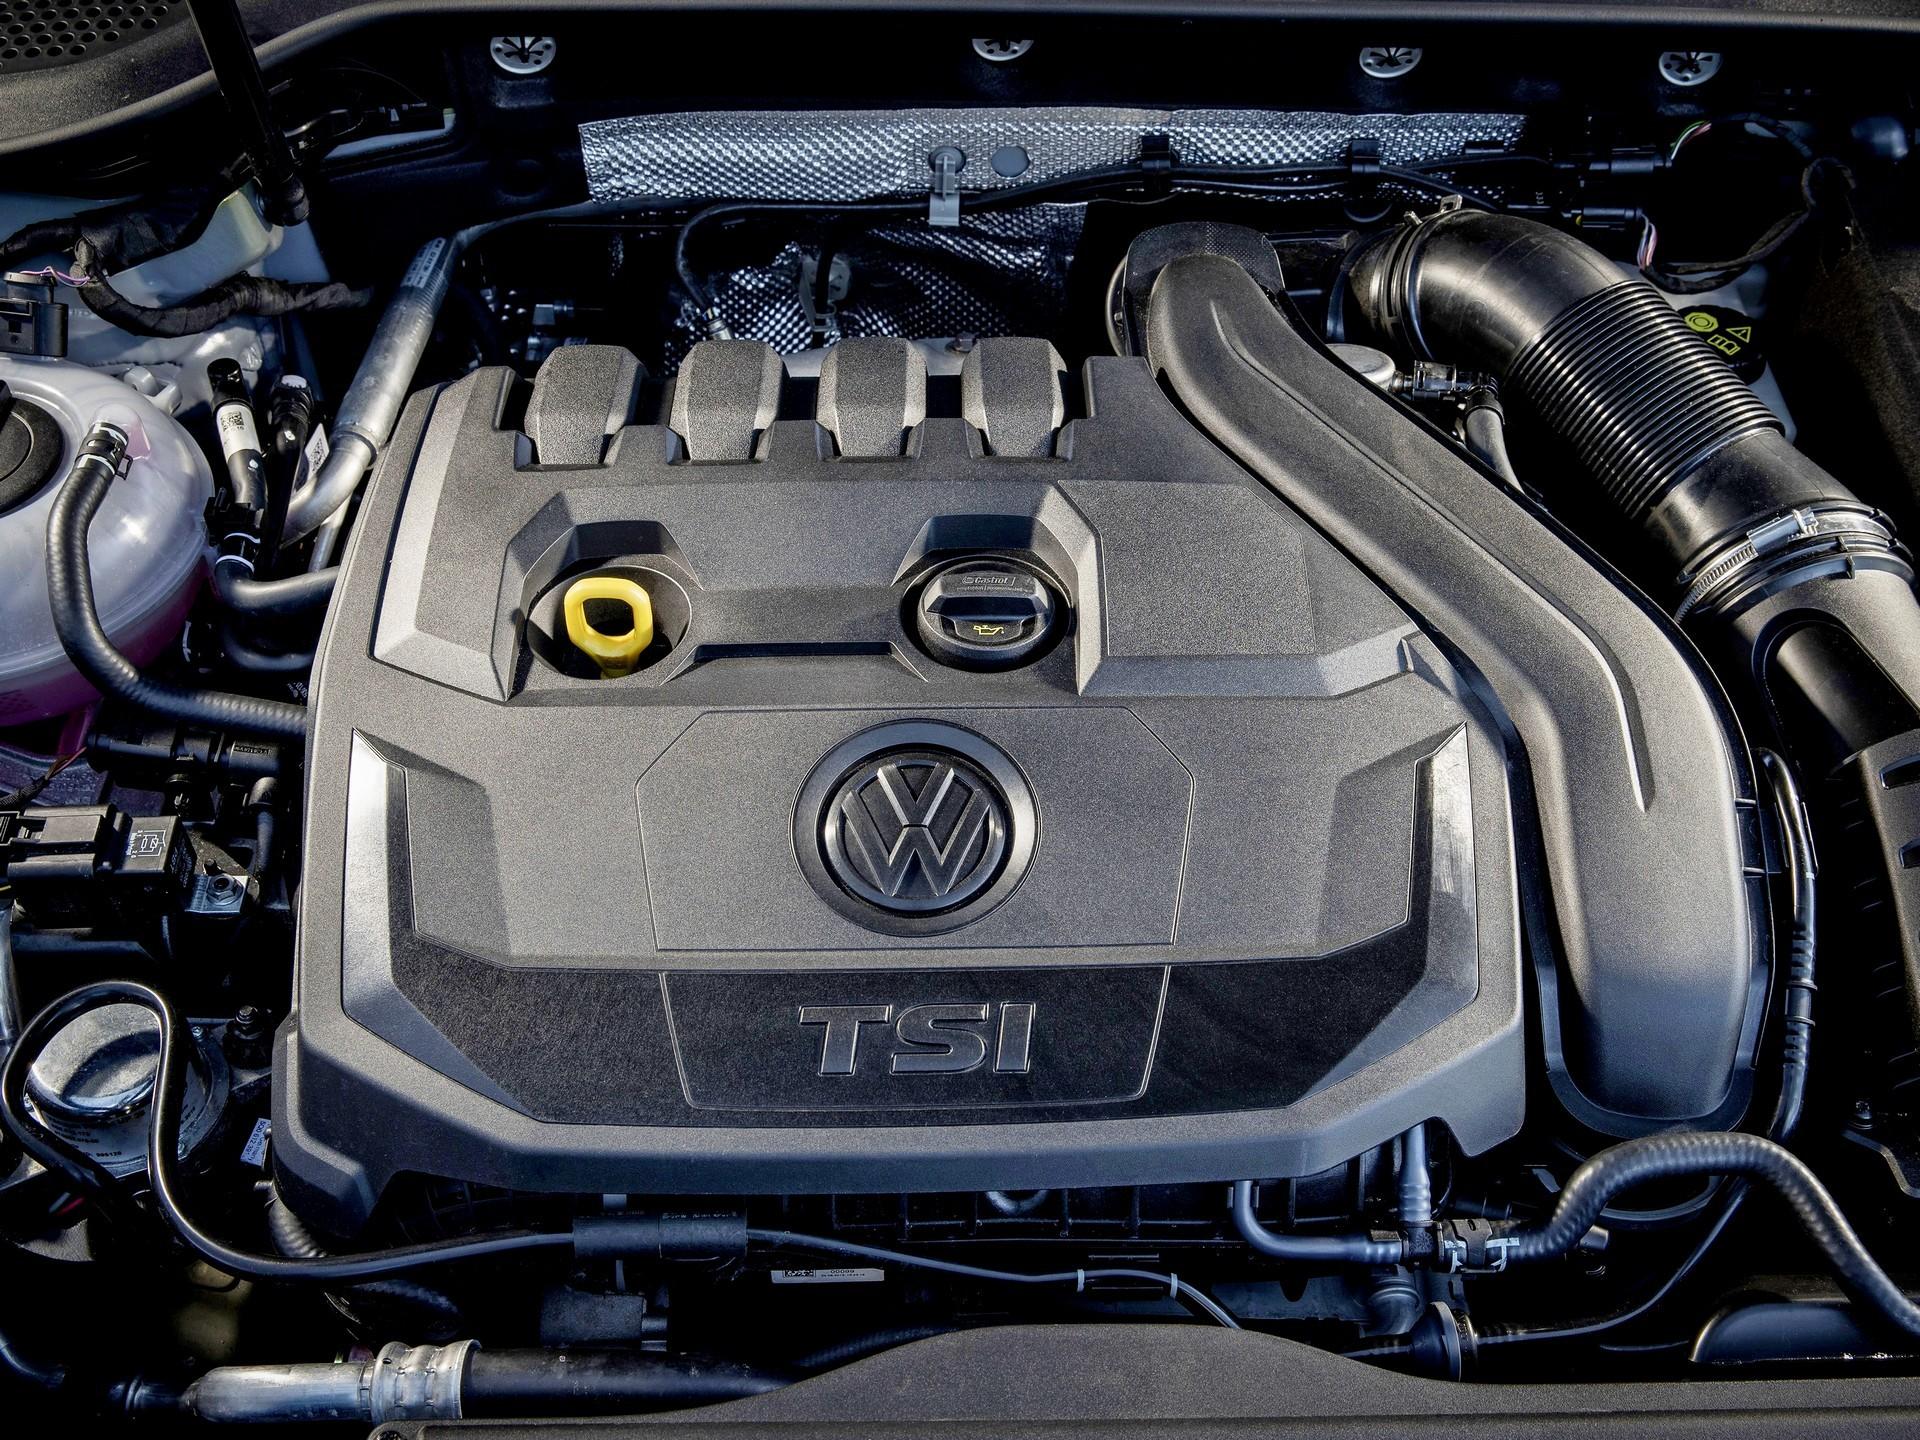 Что такое mpi двигатель: особенности и отличия от других моторов